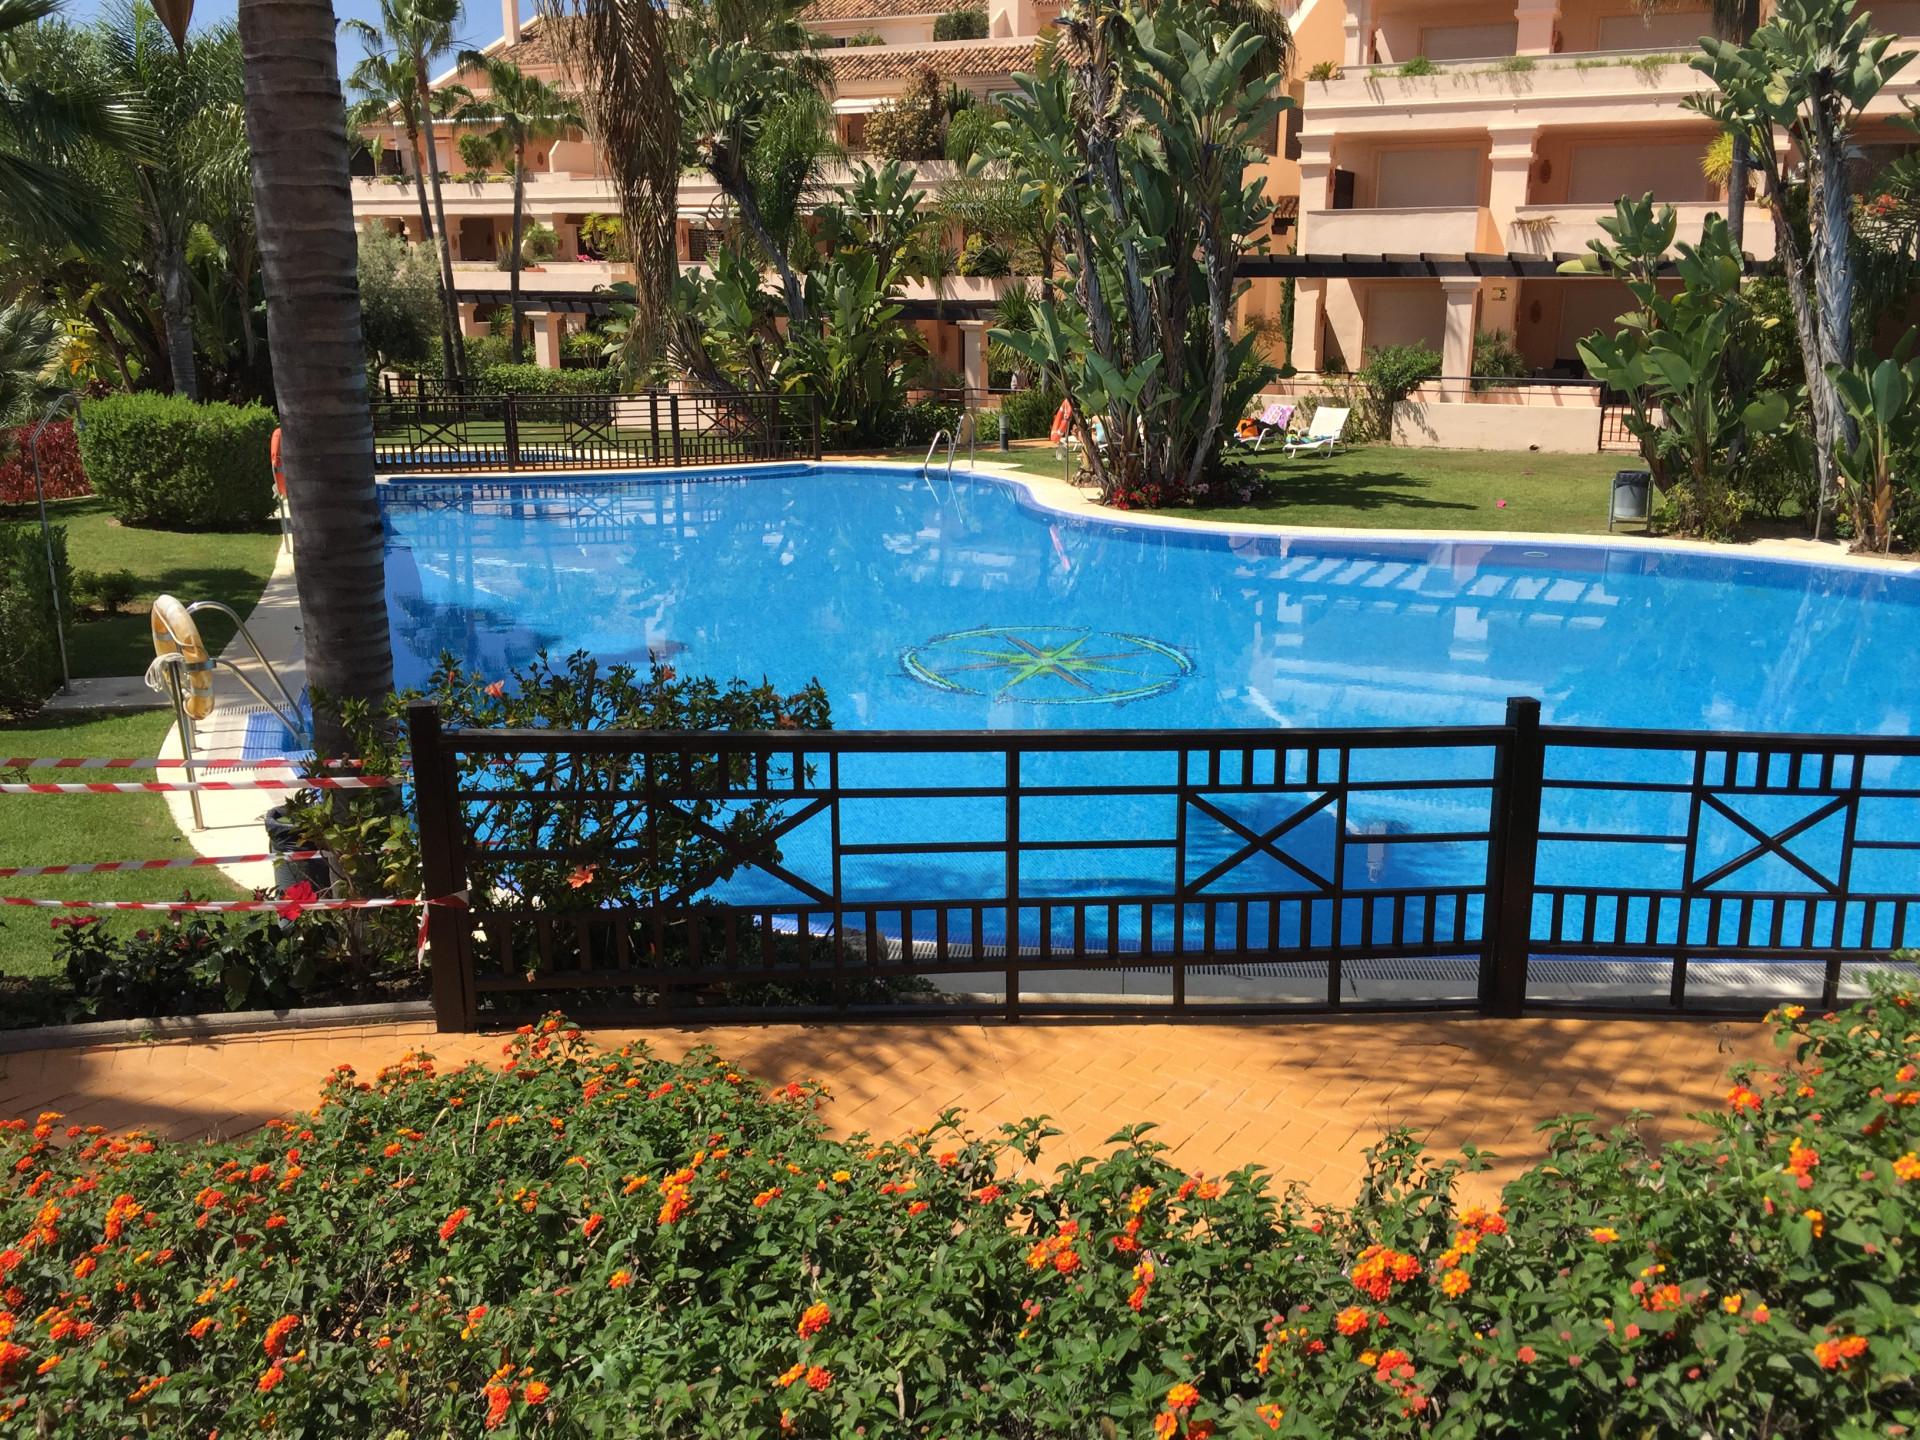 ARFA1192 - Grosszügige Gartenwohnung zum Verkauf in Albatross Hill Club in Nueva Andalucia, Marbella